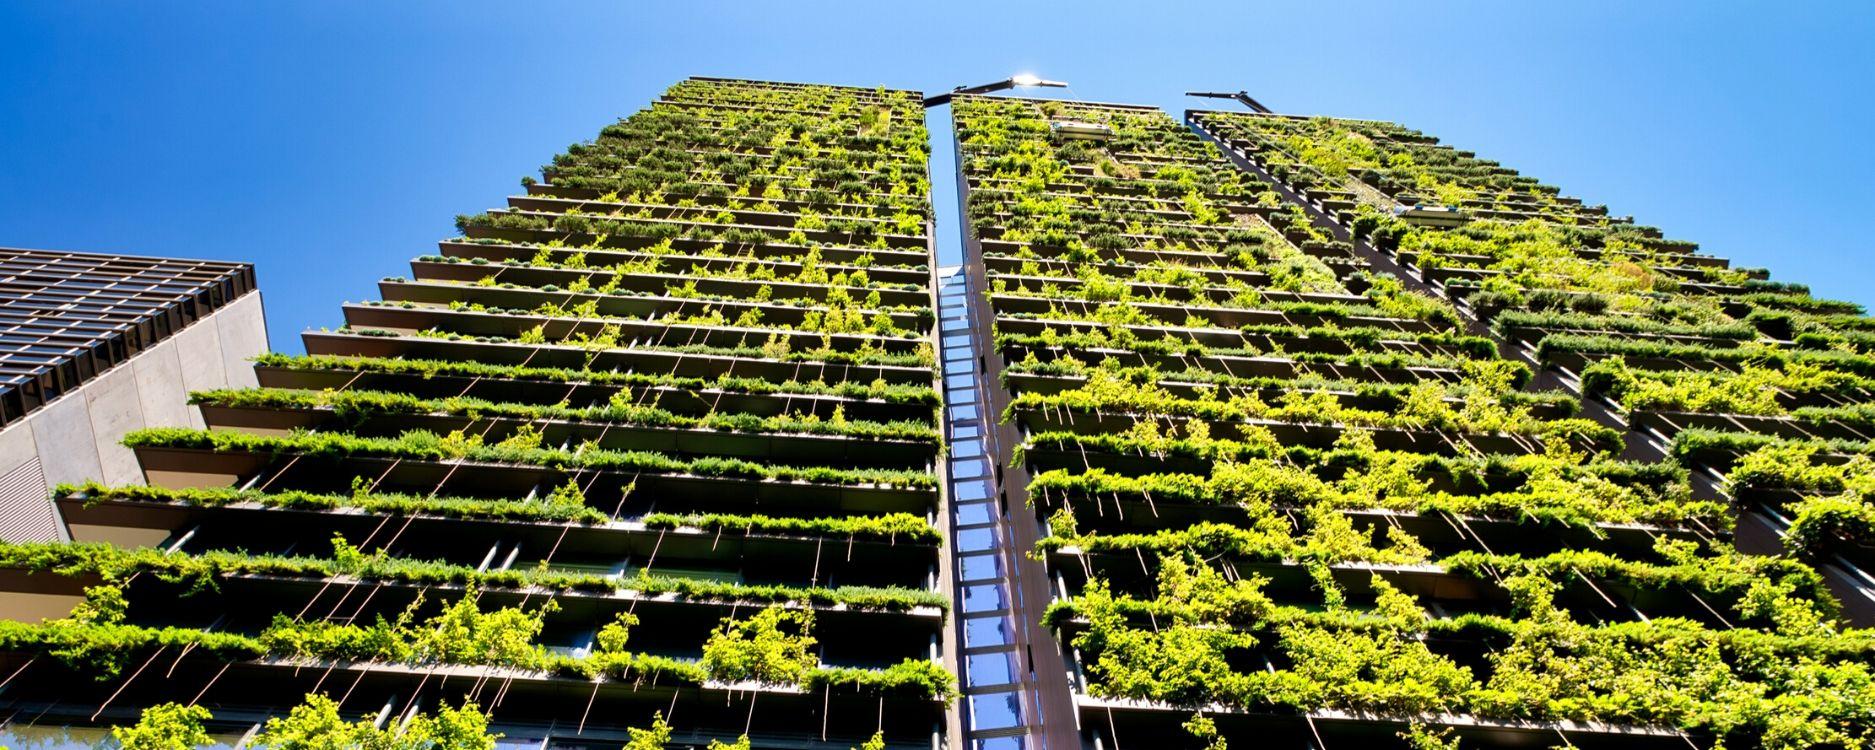 vegetación en edificio sostenible_diseño biofílico